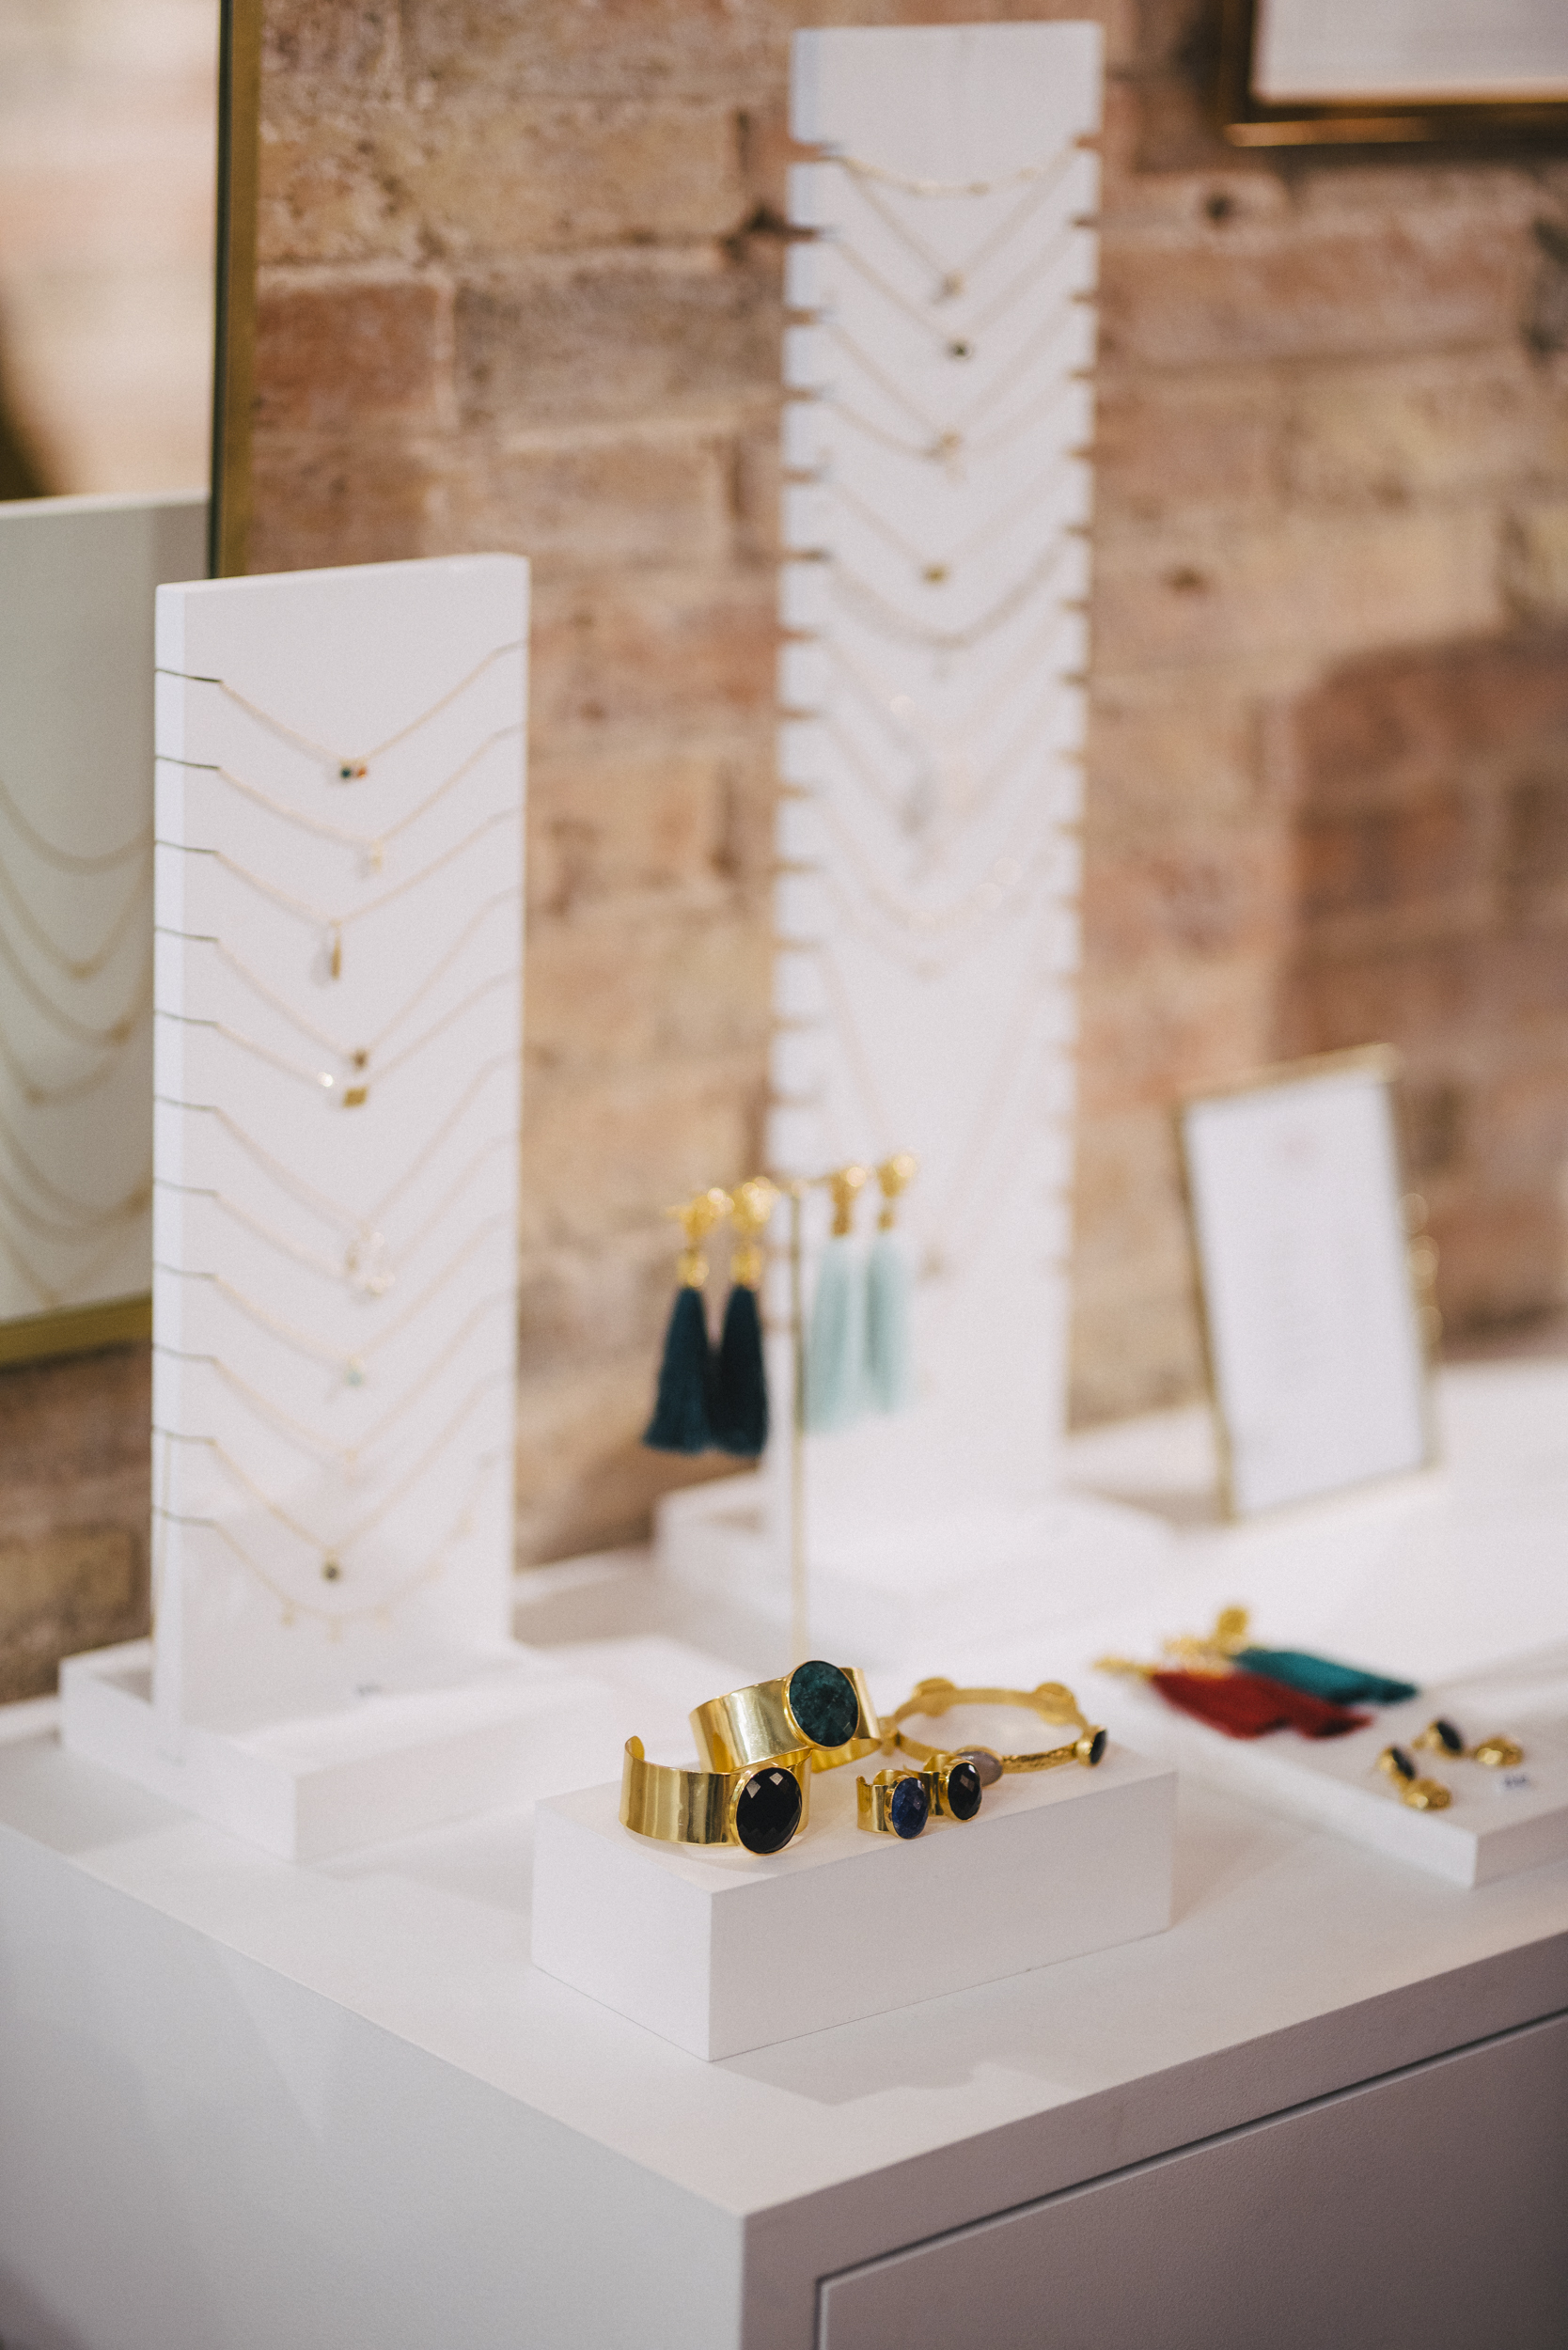 Además de tocados, también tenemos joyitas únicas de plata bañada en oro. Ideales para el día a día o para ocasiones especiales.